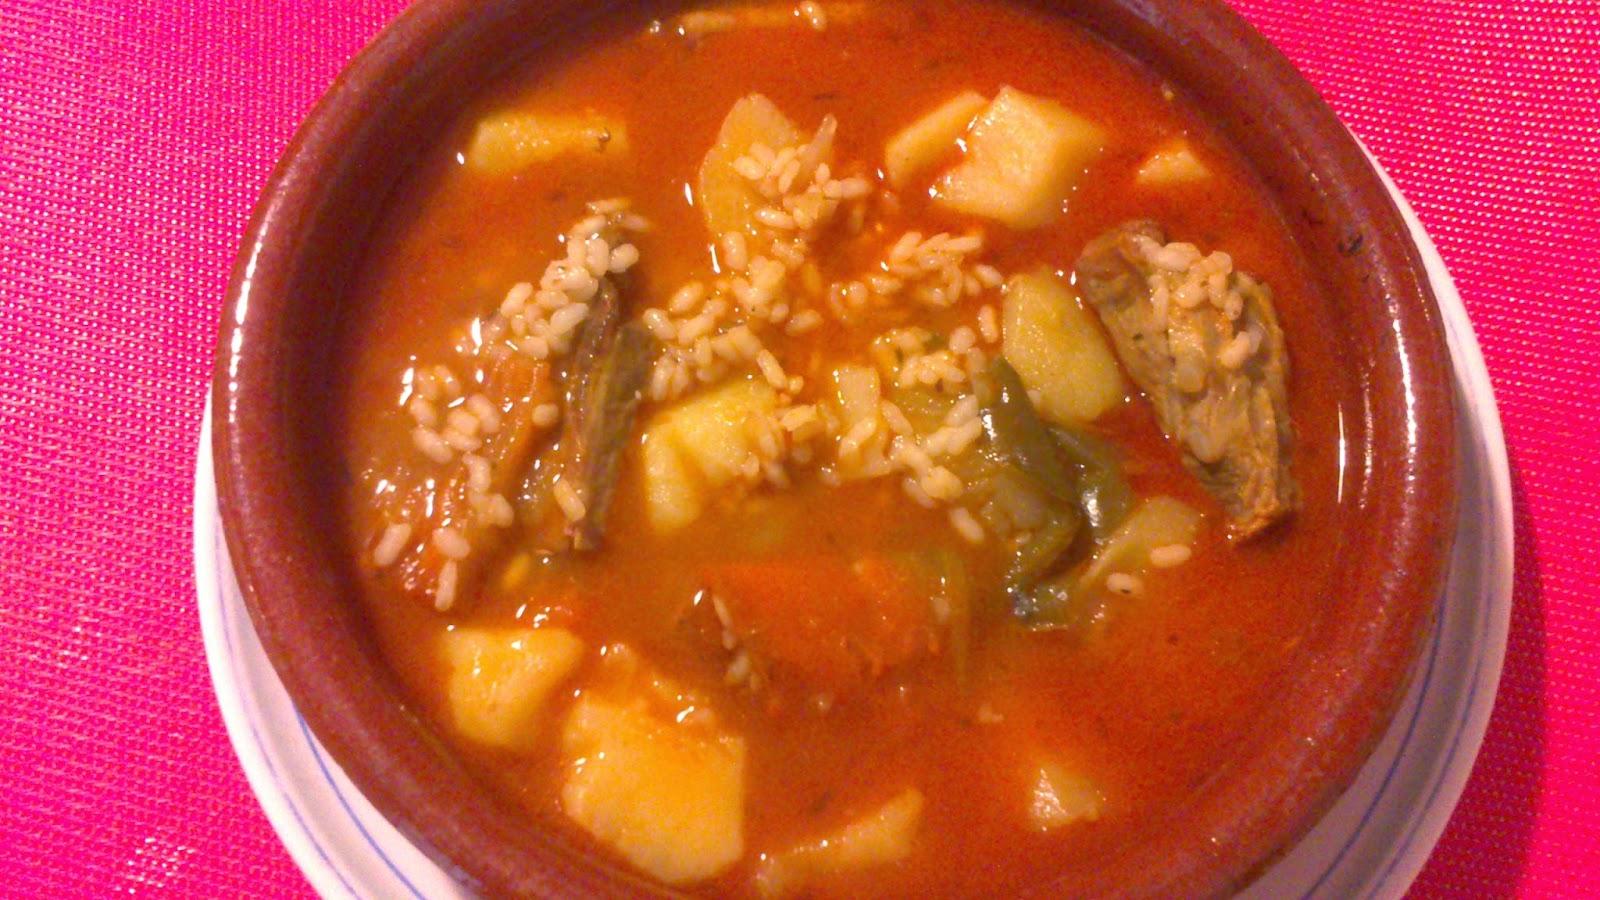 Las recetas de carmen ramos cocina mariposa arroz - Arroz caldoso con costillas y alcachofas ...